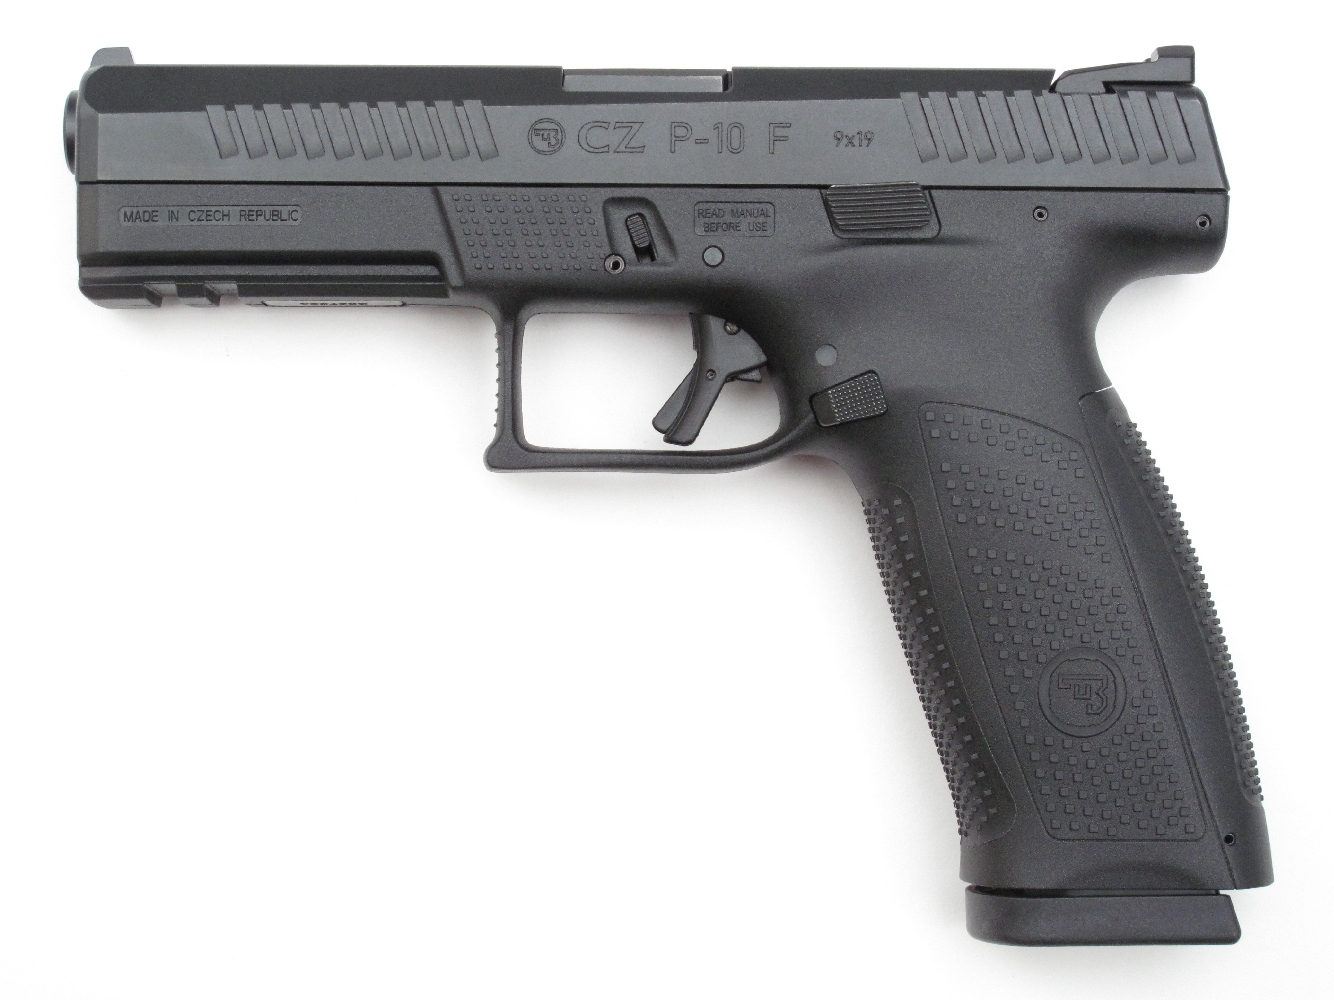 Pistolet CZ modèle P-10 F de calibre 9 mm Parabellum